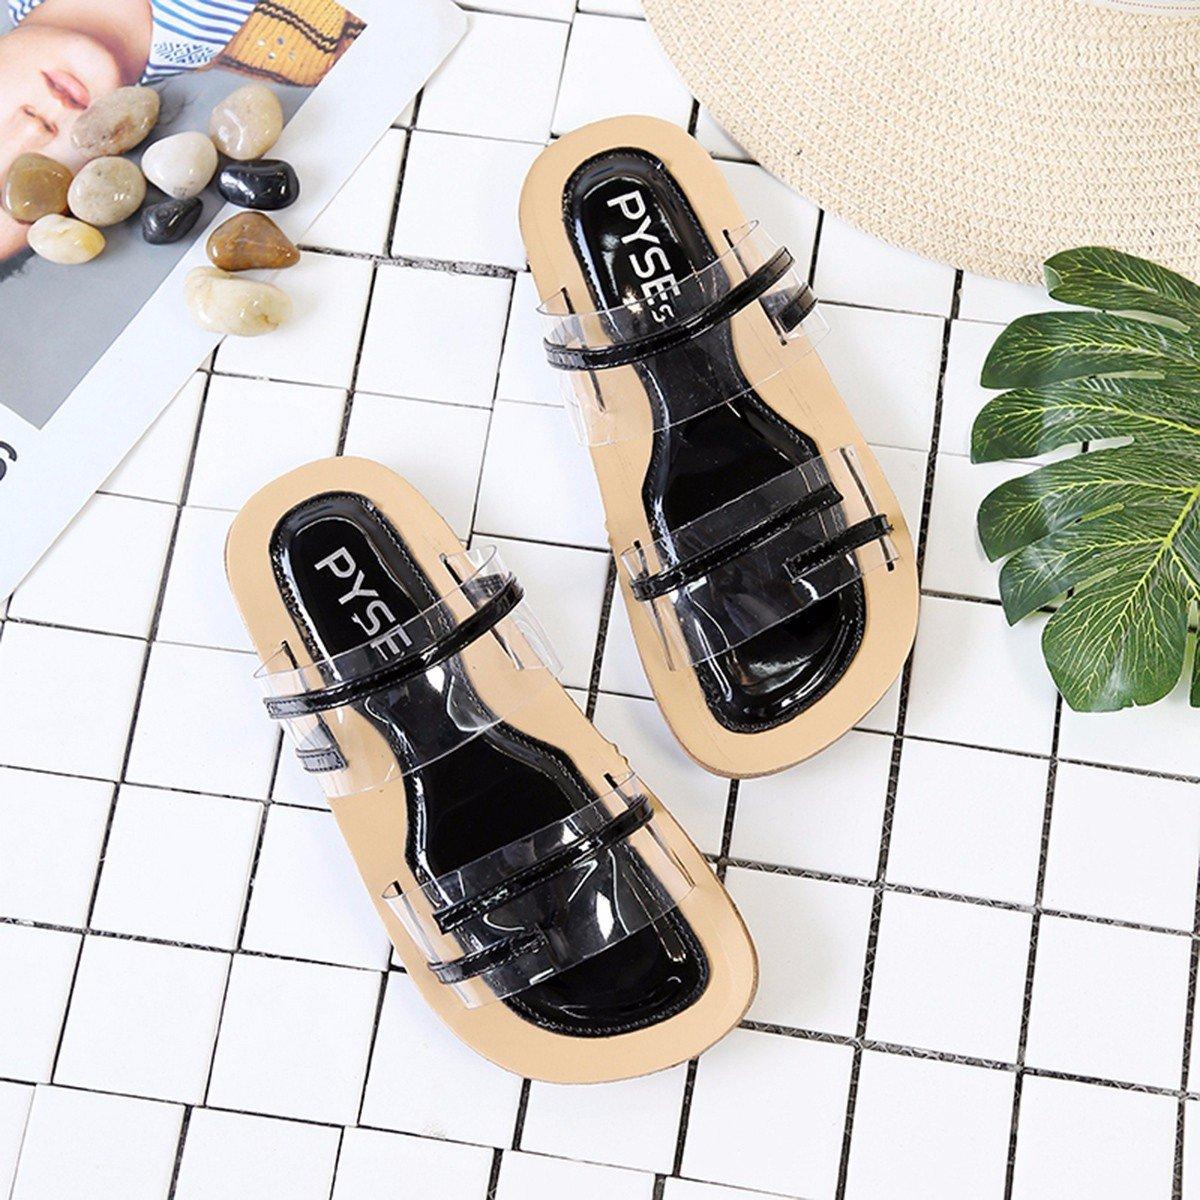 QPSSP Transparente Schuh - Hausschuhe, Flachen Boden Schuhe, Sandalen, Damenschuhe,38,Schwarz - Schuh 179573